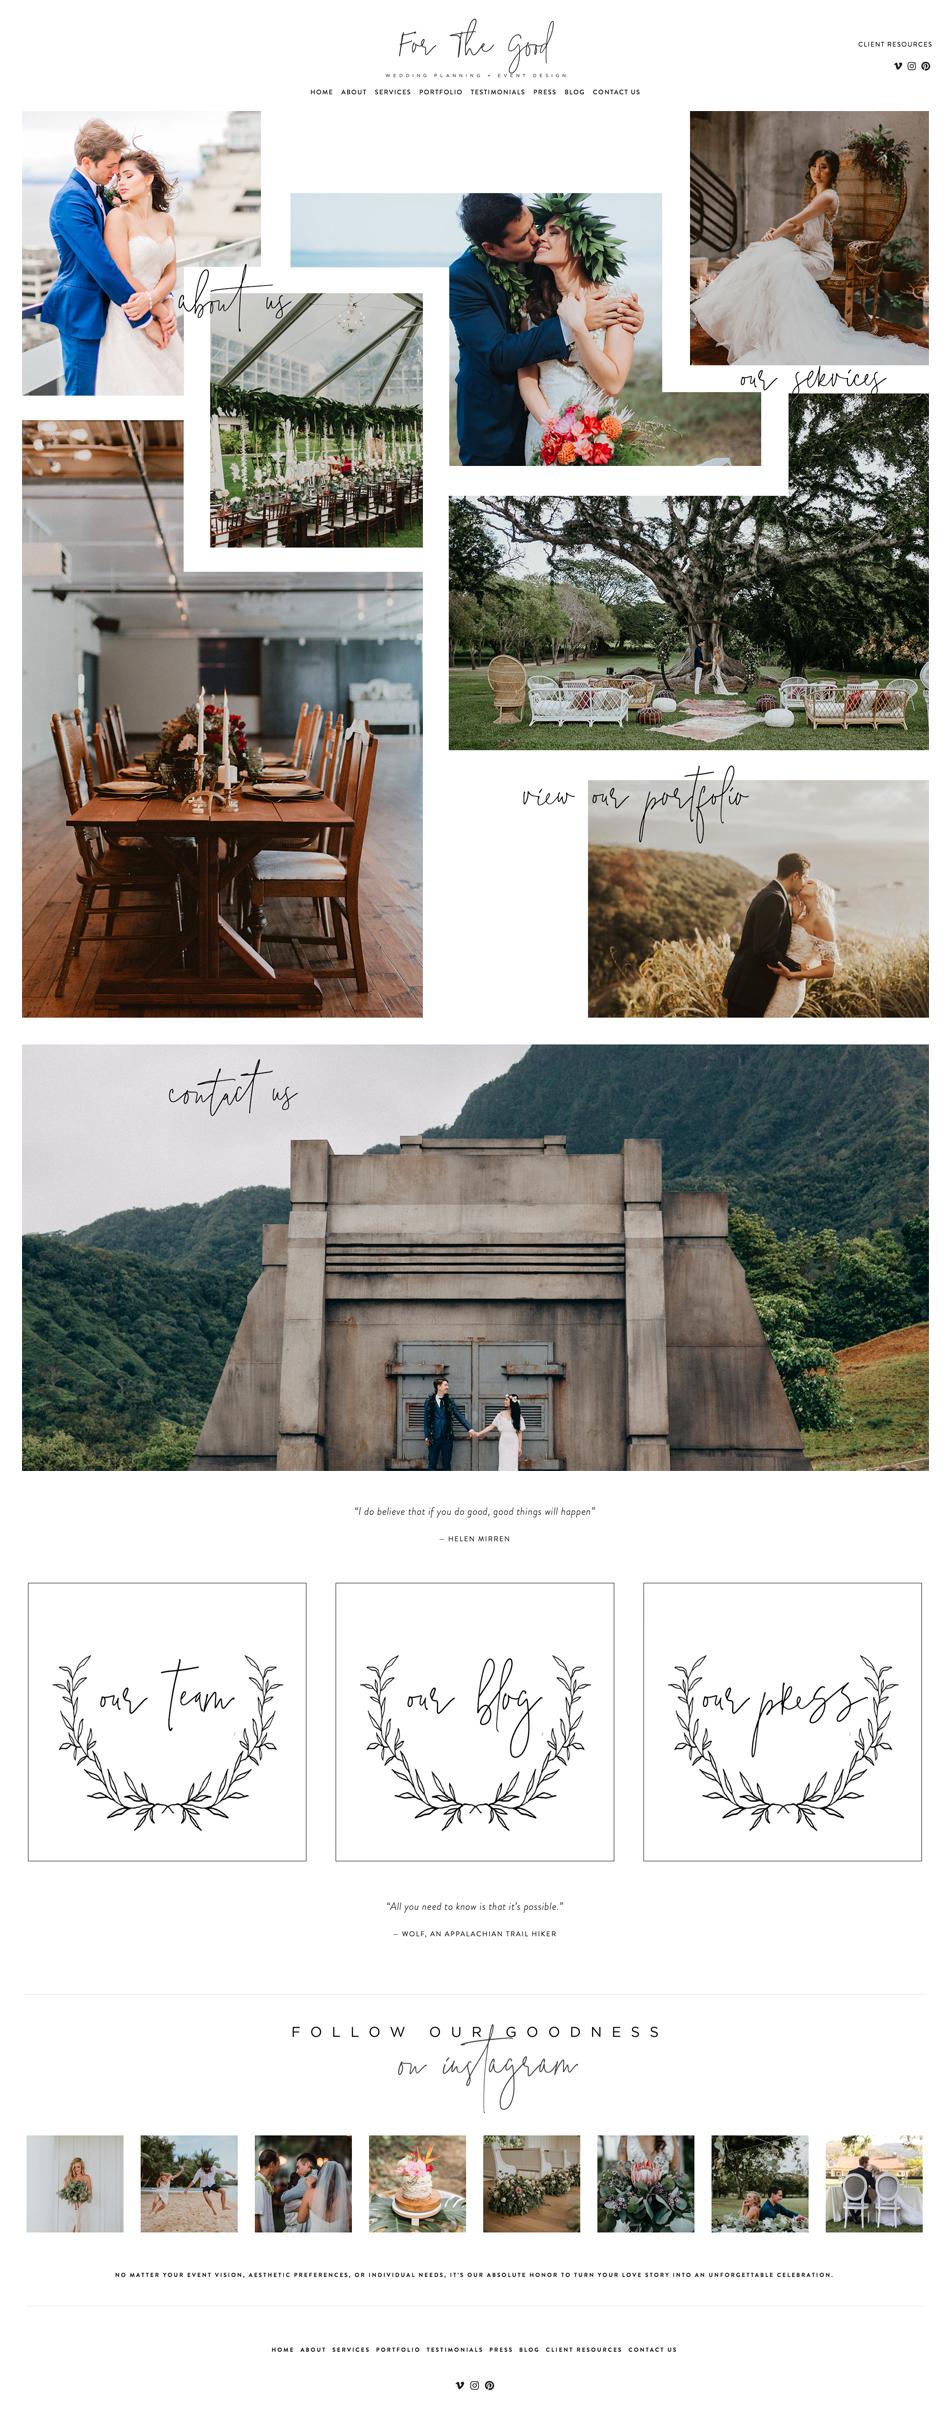 __homepage_sneak_forthegood.jpg